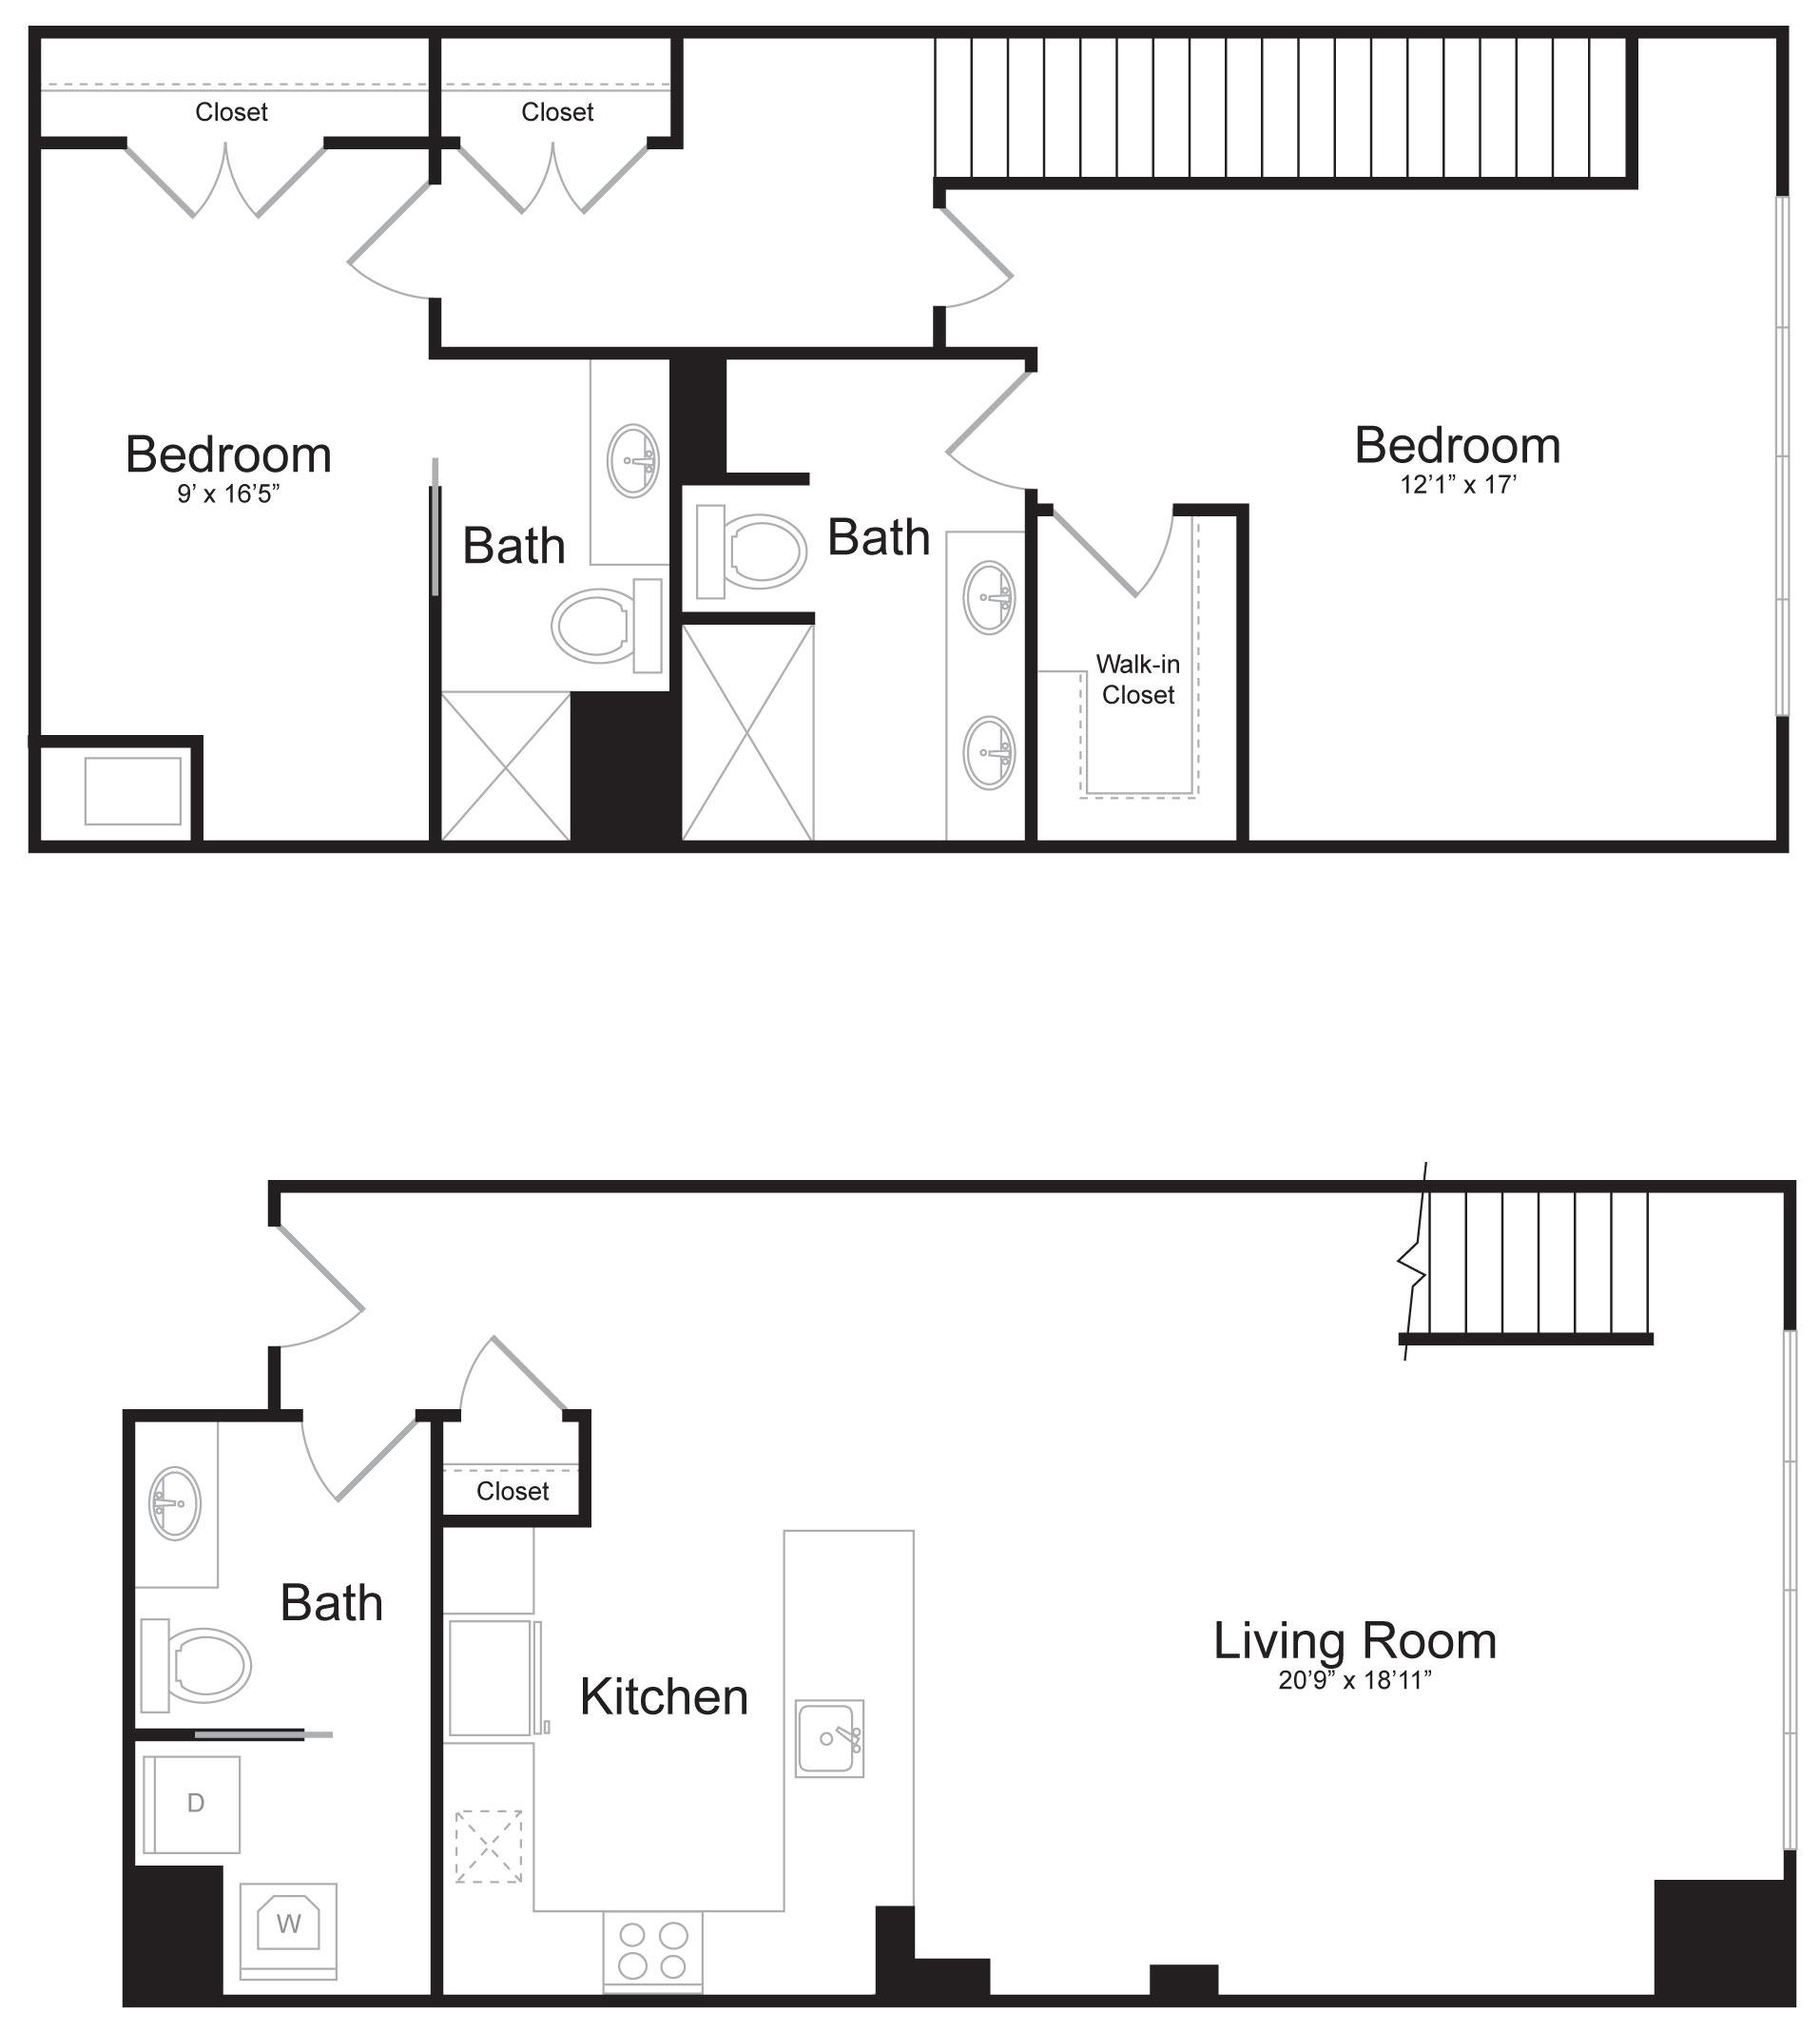 Duplex C2 - 2 Bed 2 Bath - 1,774 SF